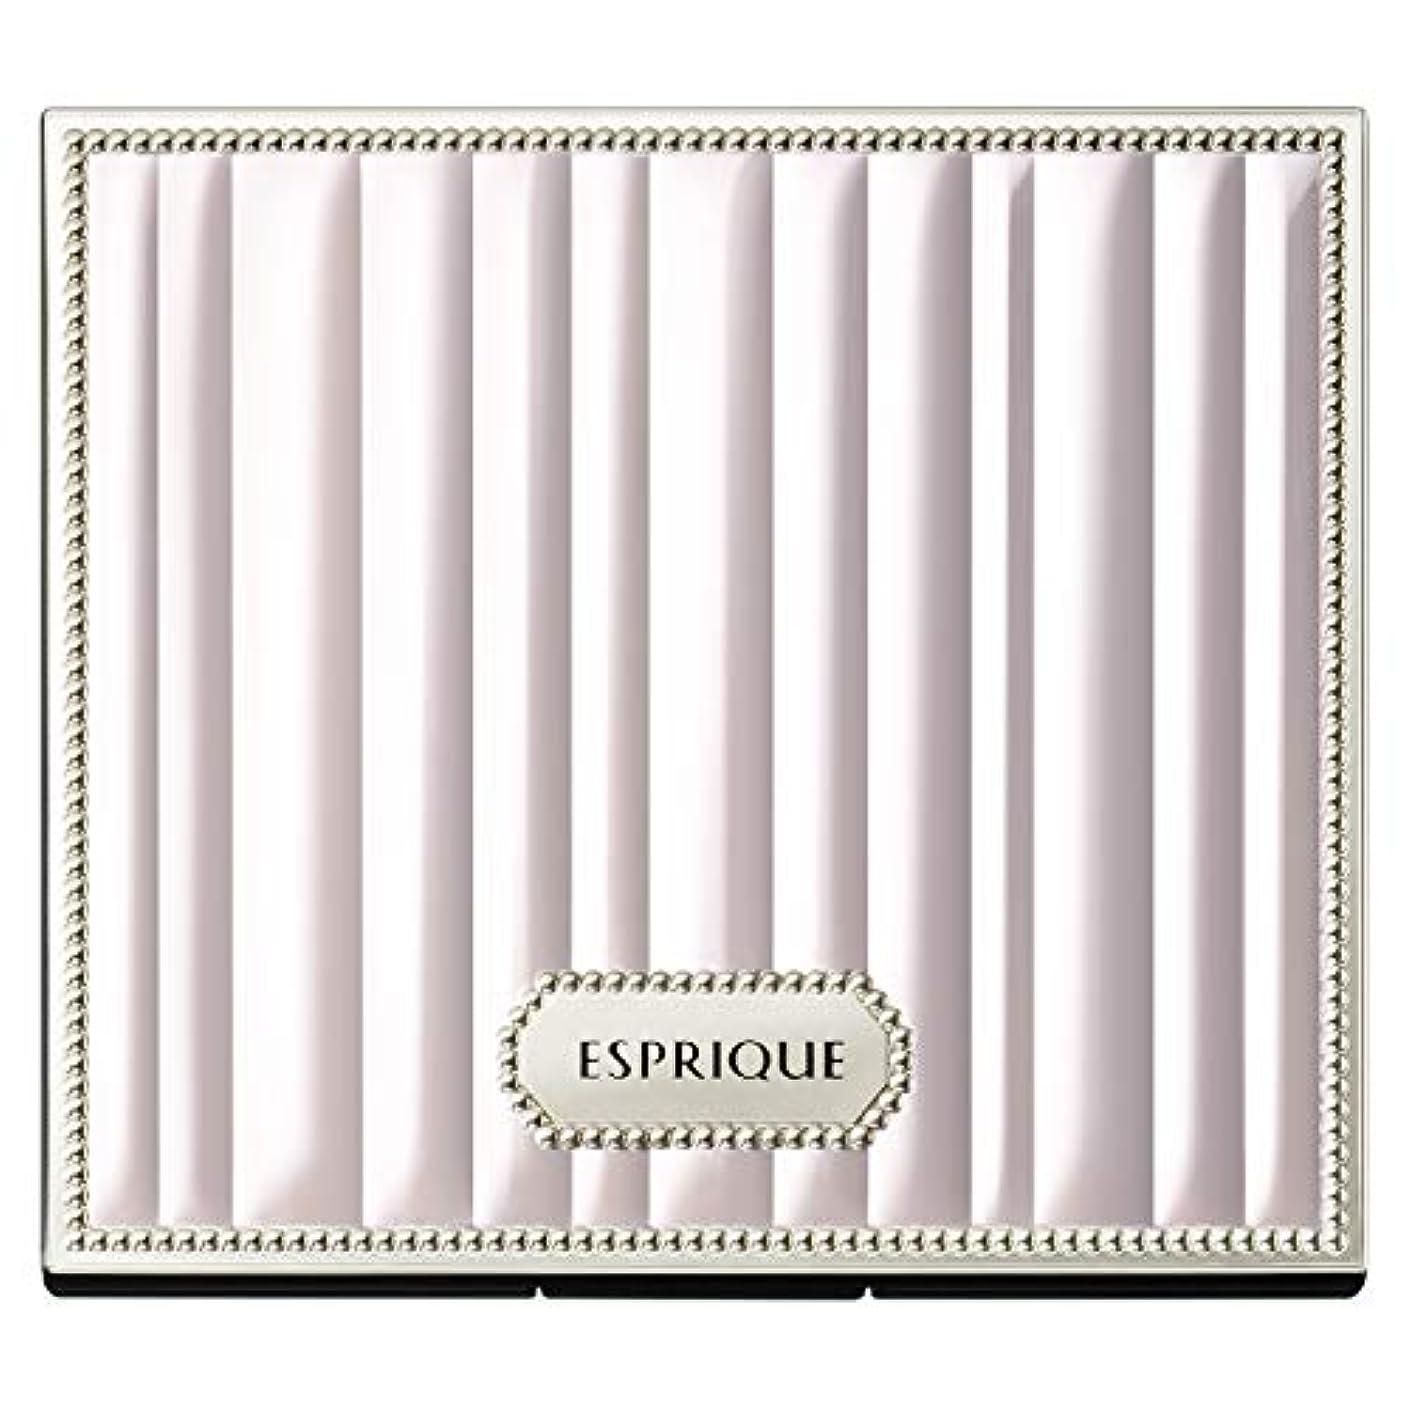 マント大気ナプキンESPRIQUE(エスプリーク) エスプリーク アイカラー ケース N 1個